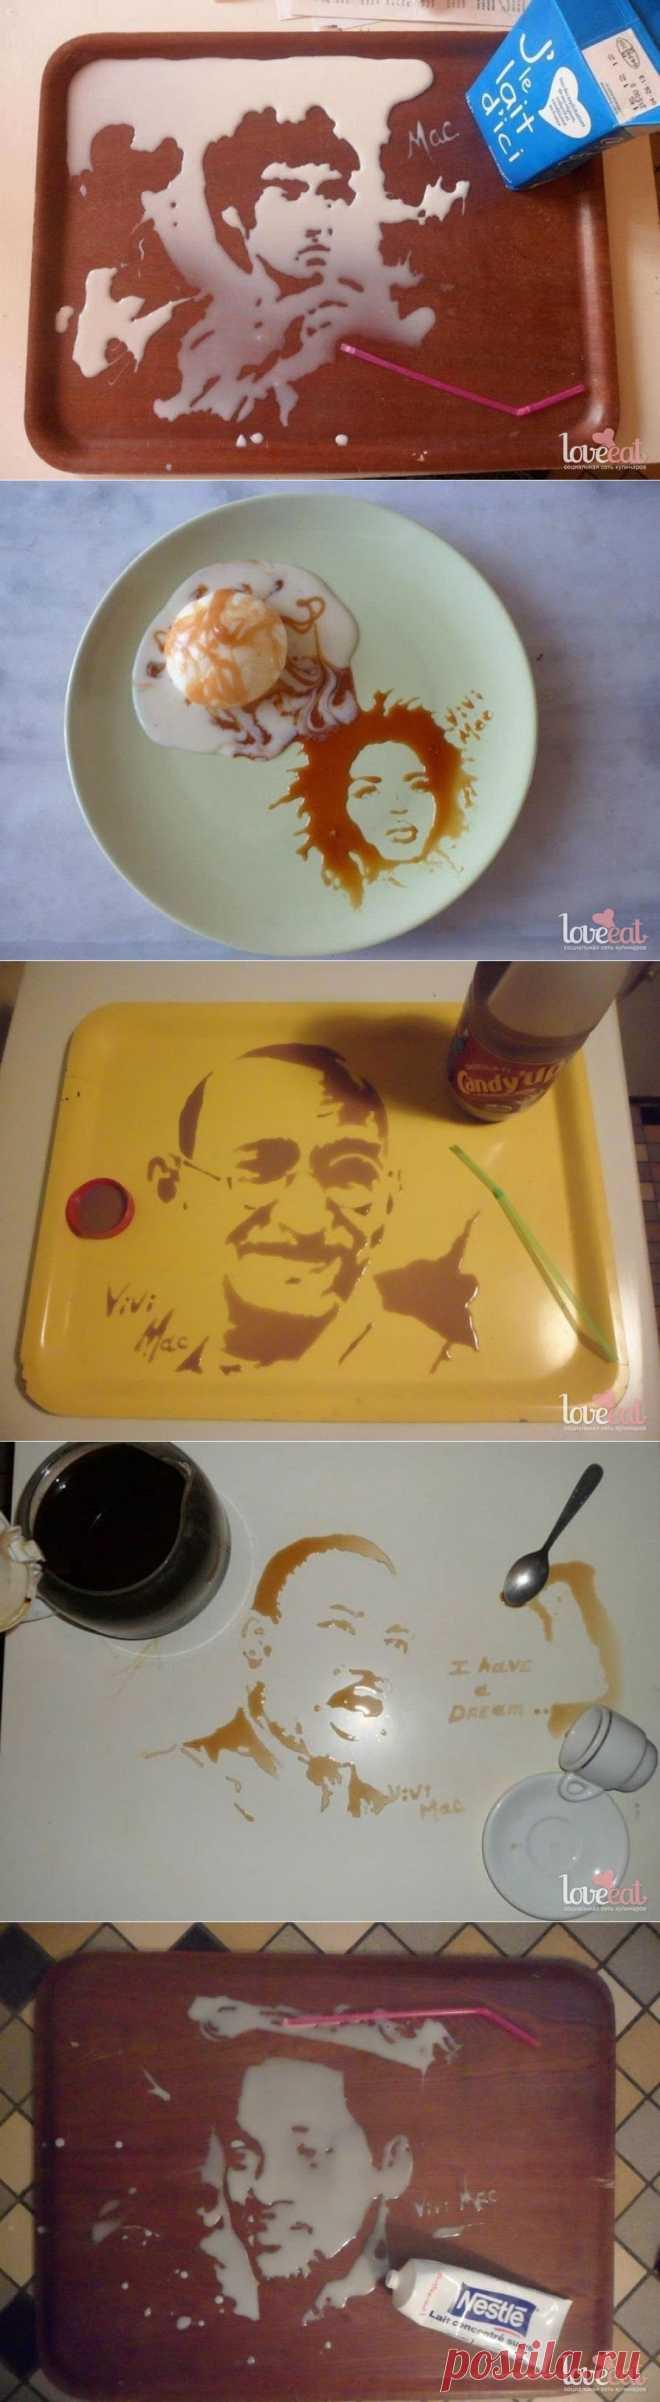 Текучее искусство - Loveeat - социальная сеть кулинаров